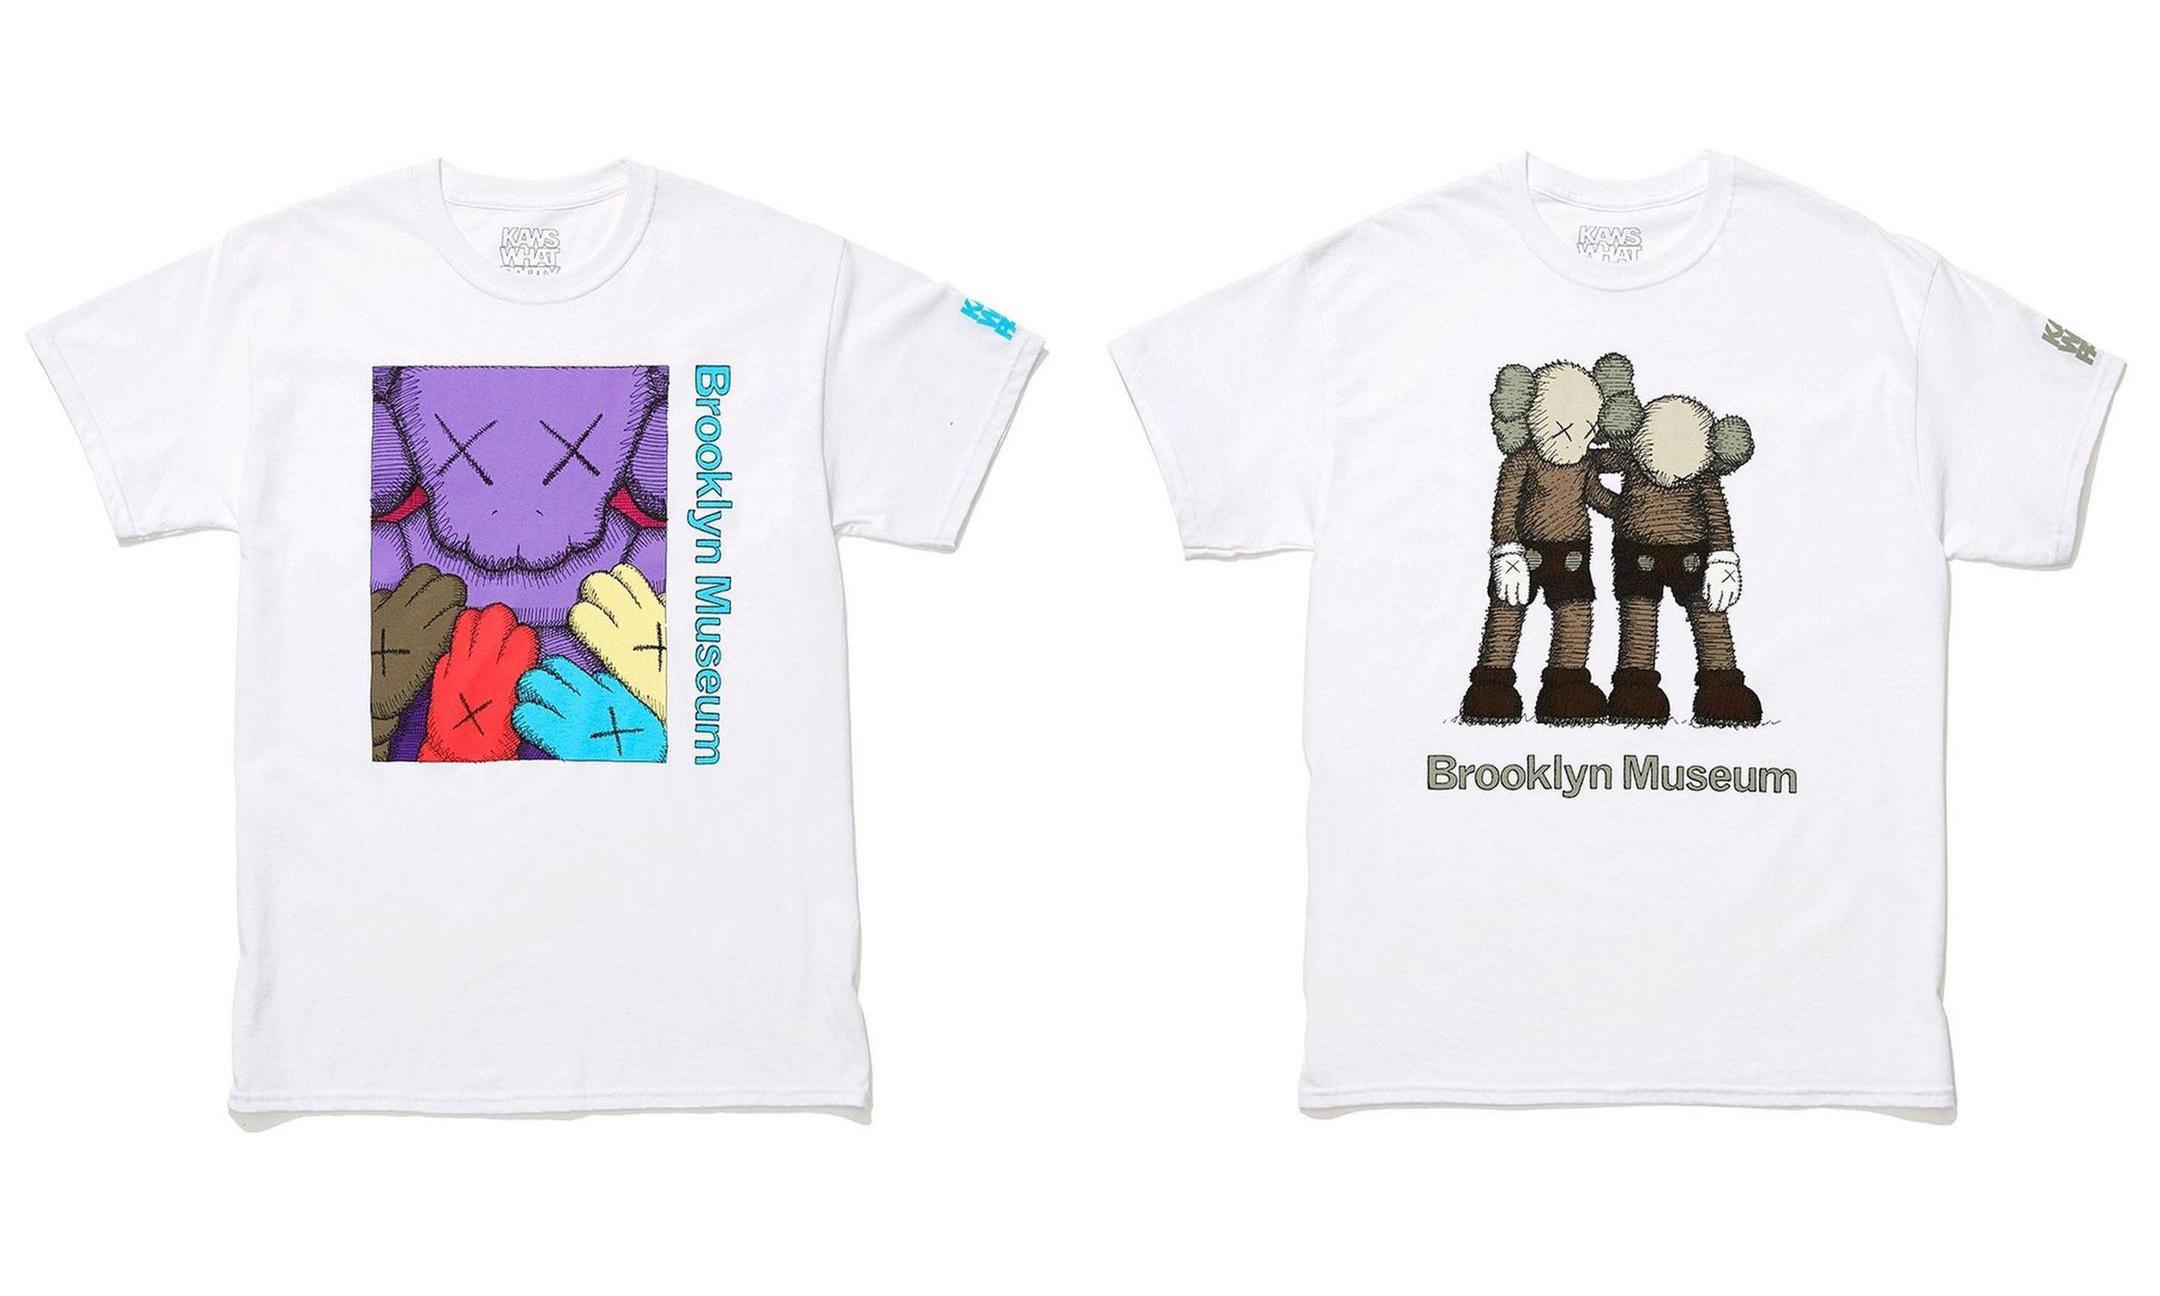 KAWS Brooklyn Museum 展览限定 Tee 释出